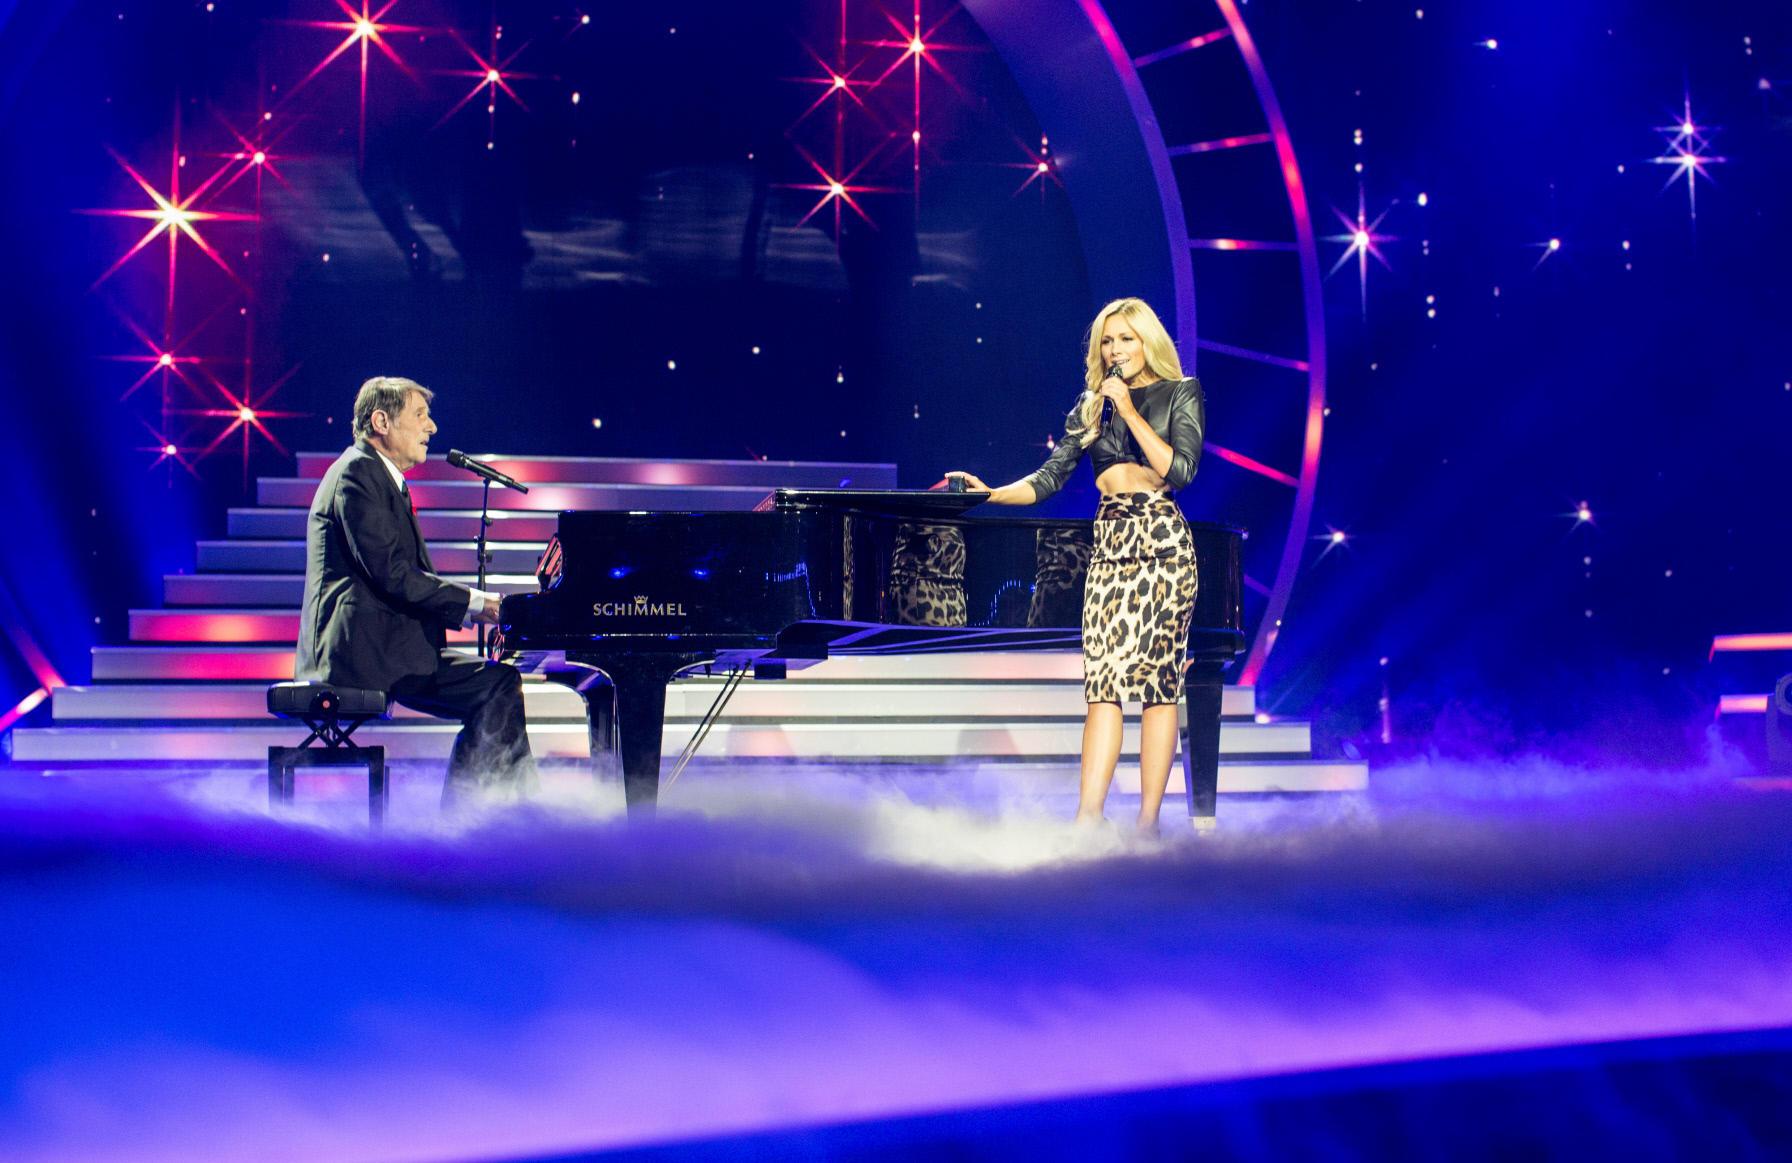 In der Show singt Udo Jürgens im Duett mit Helene Fischer.